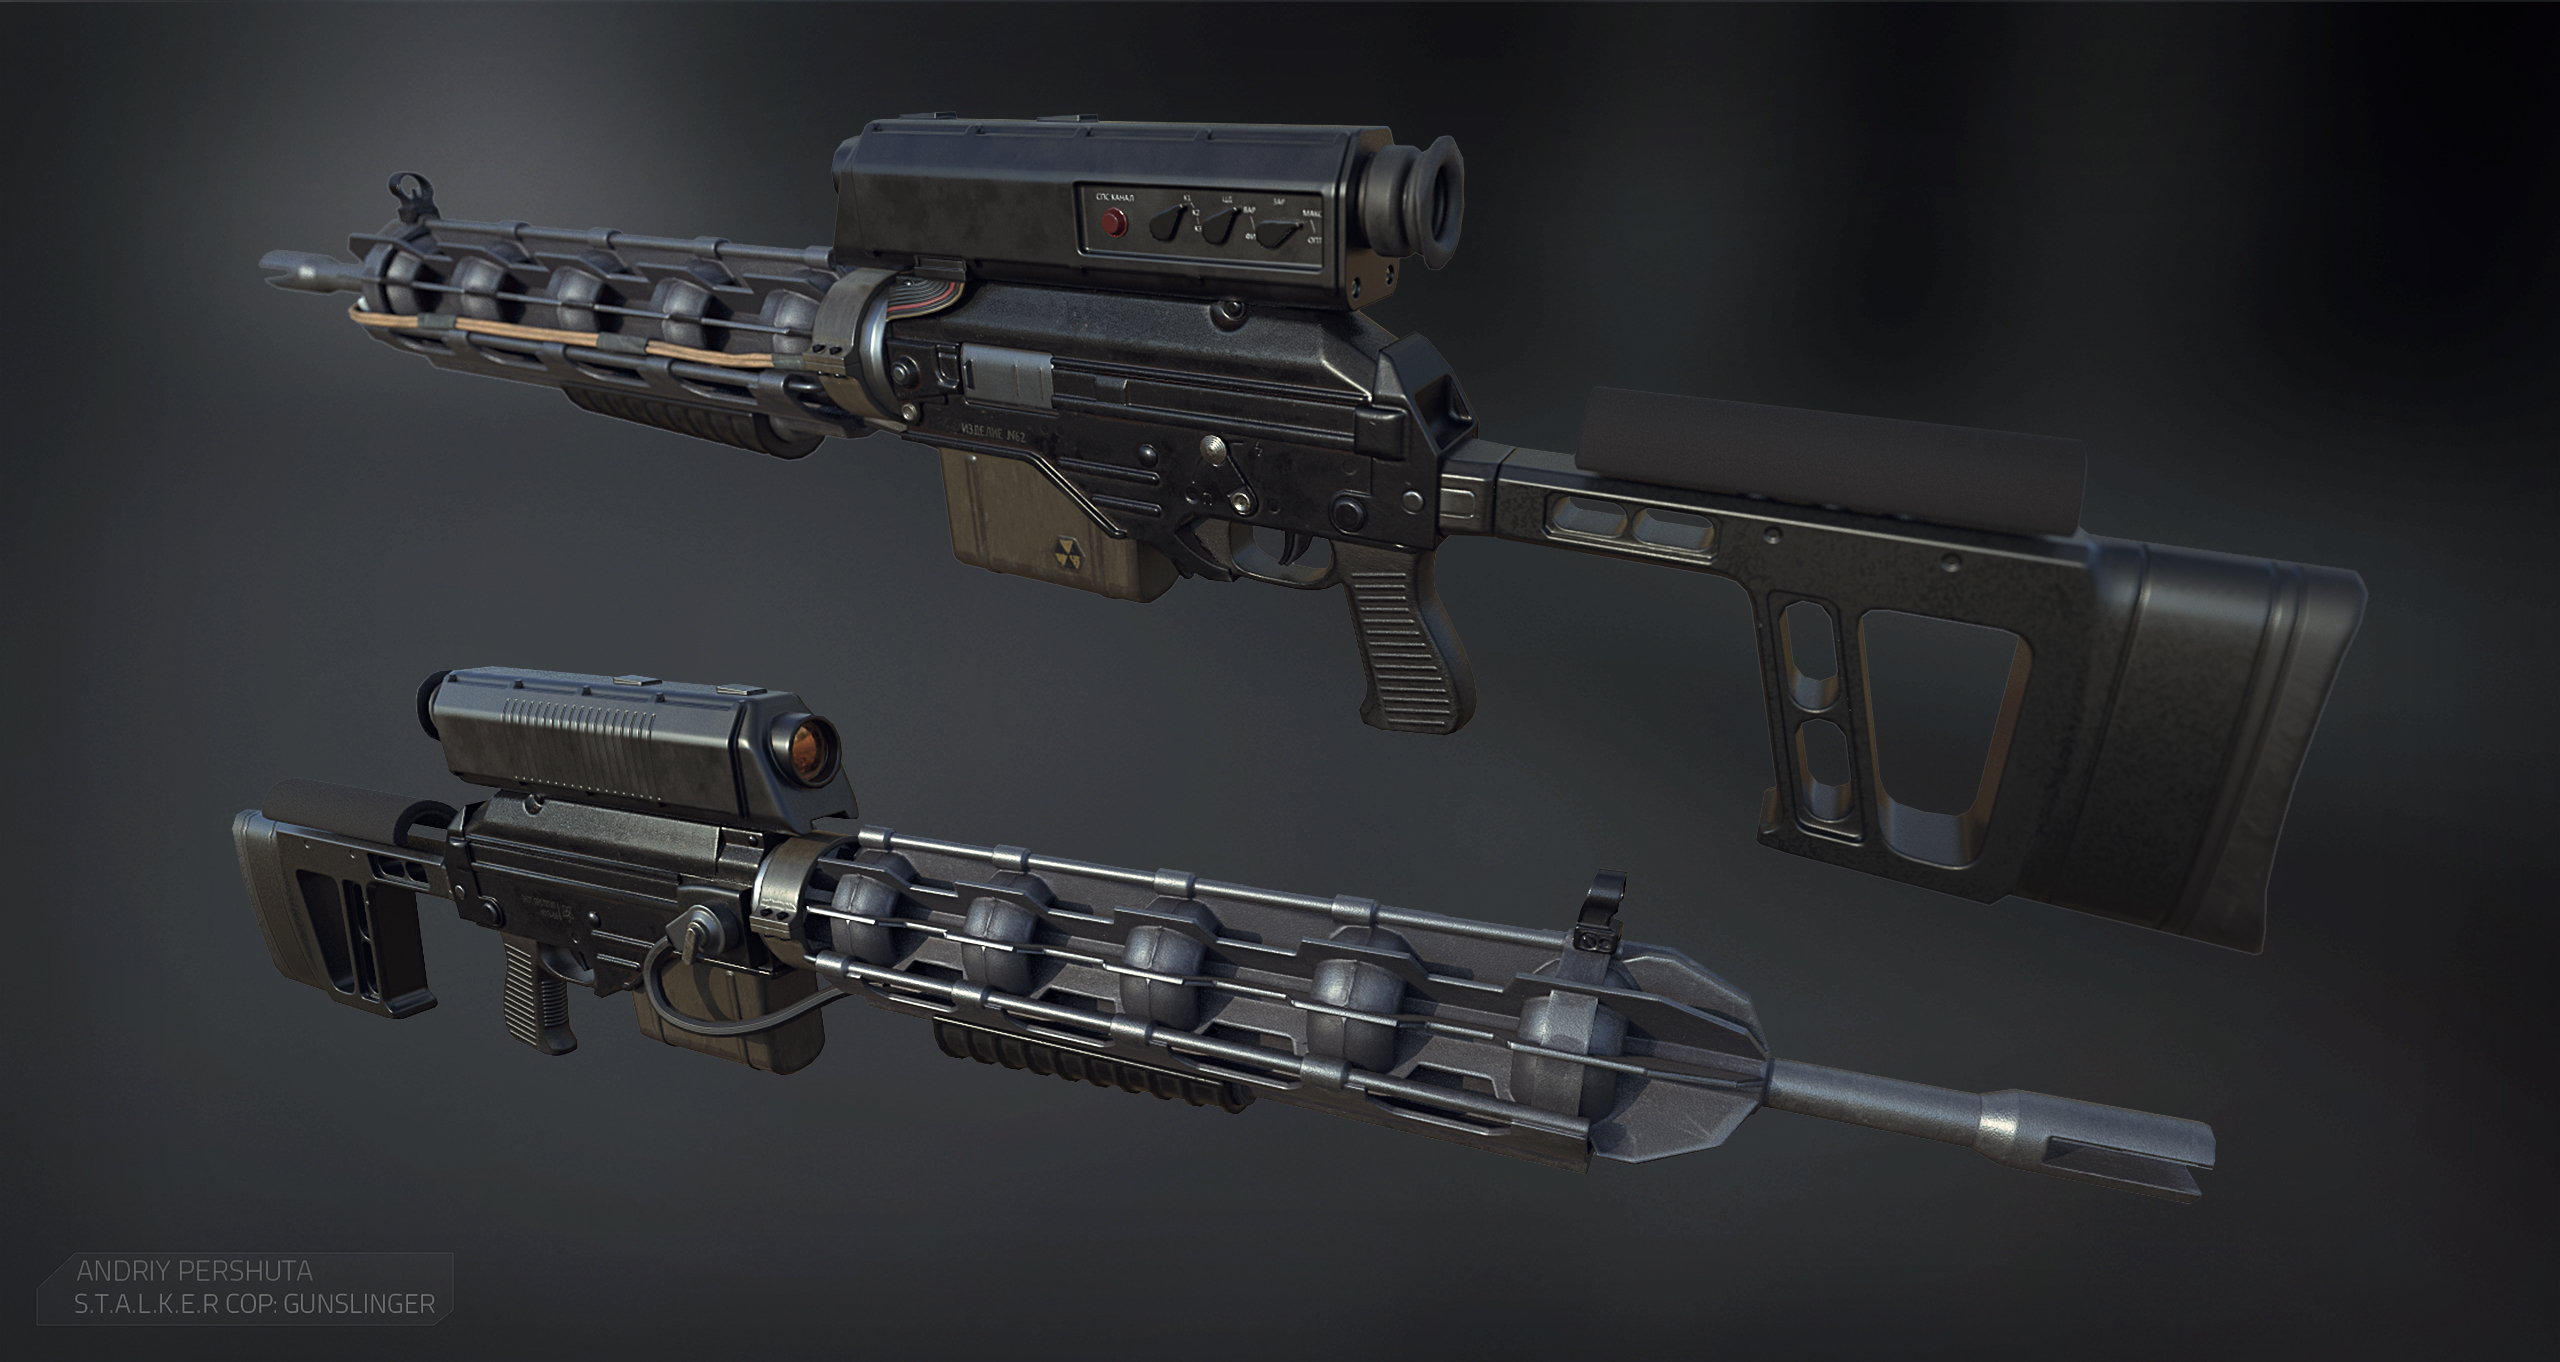 Stalker gunslinger mod скачать бесплатно - 0